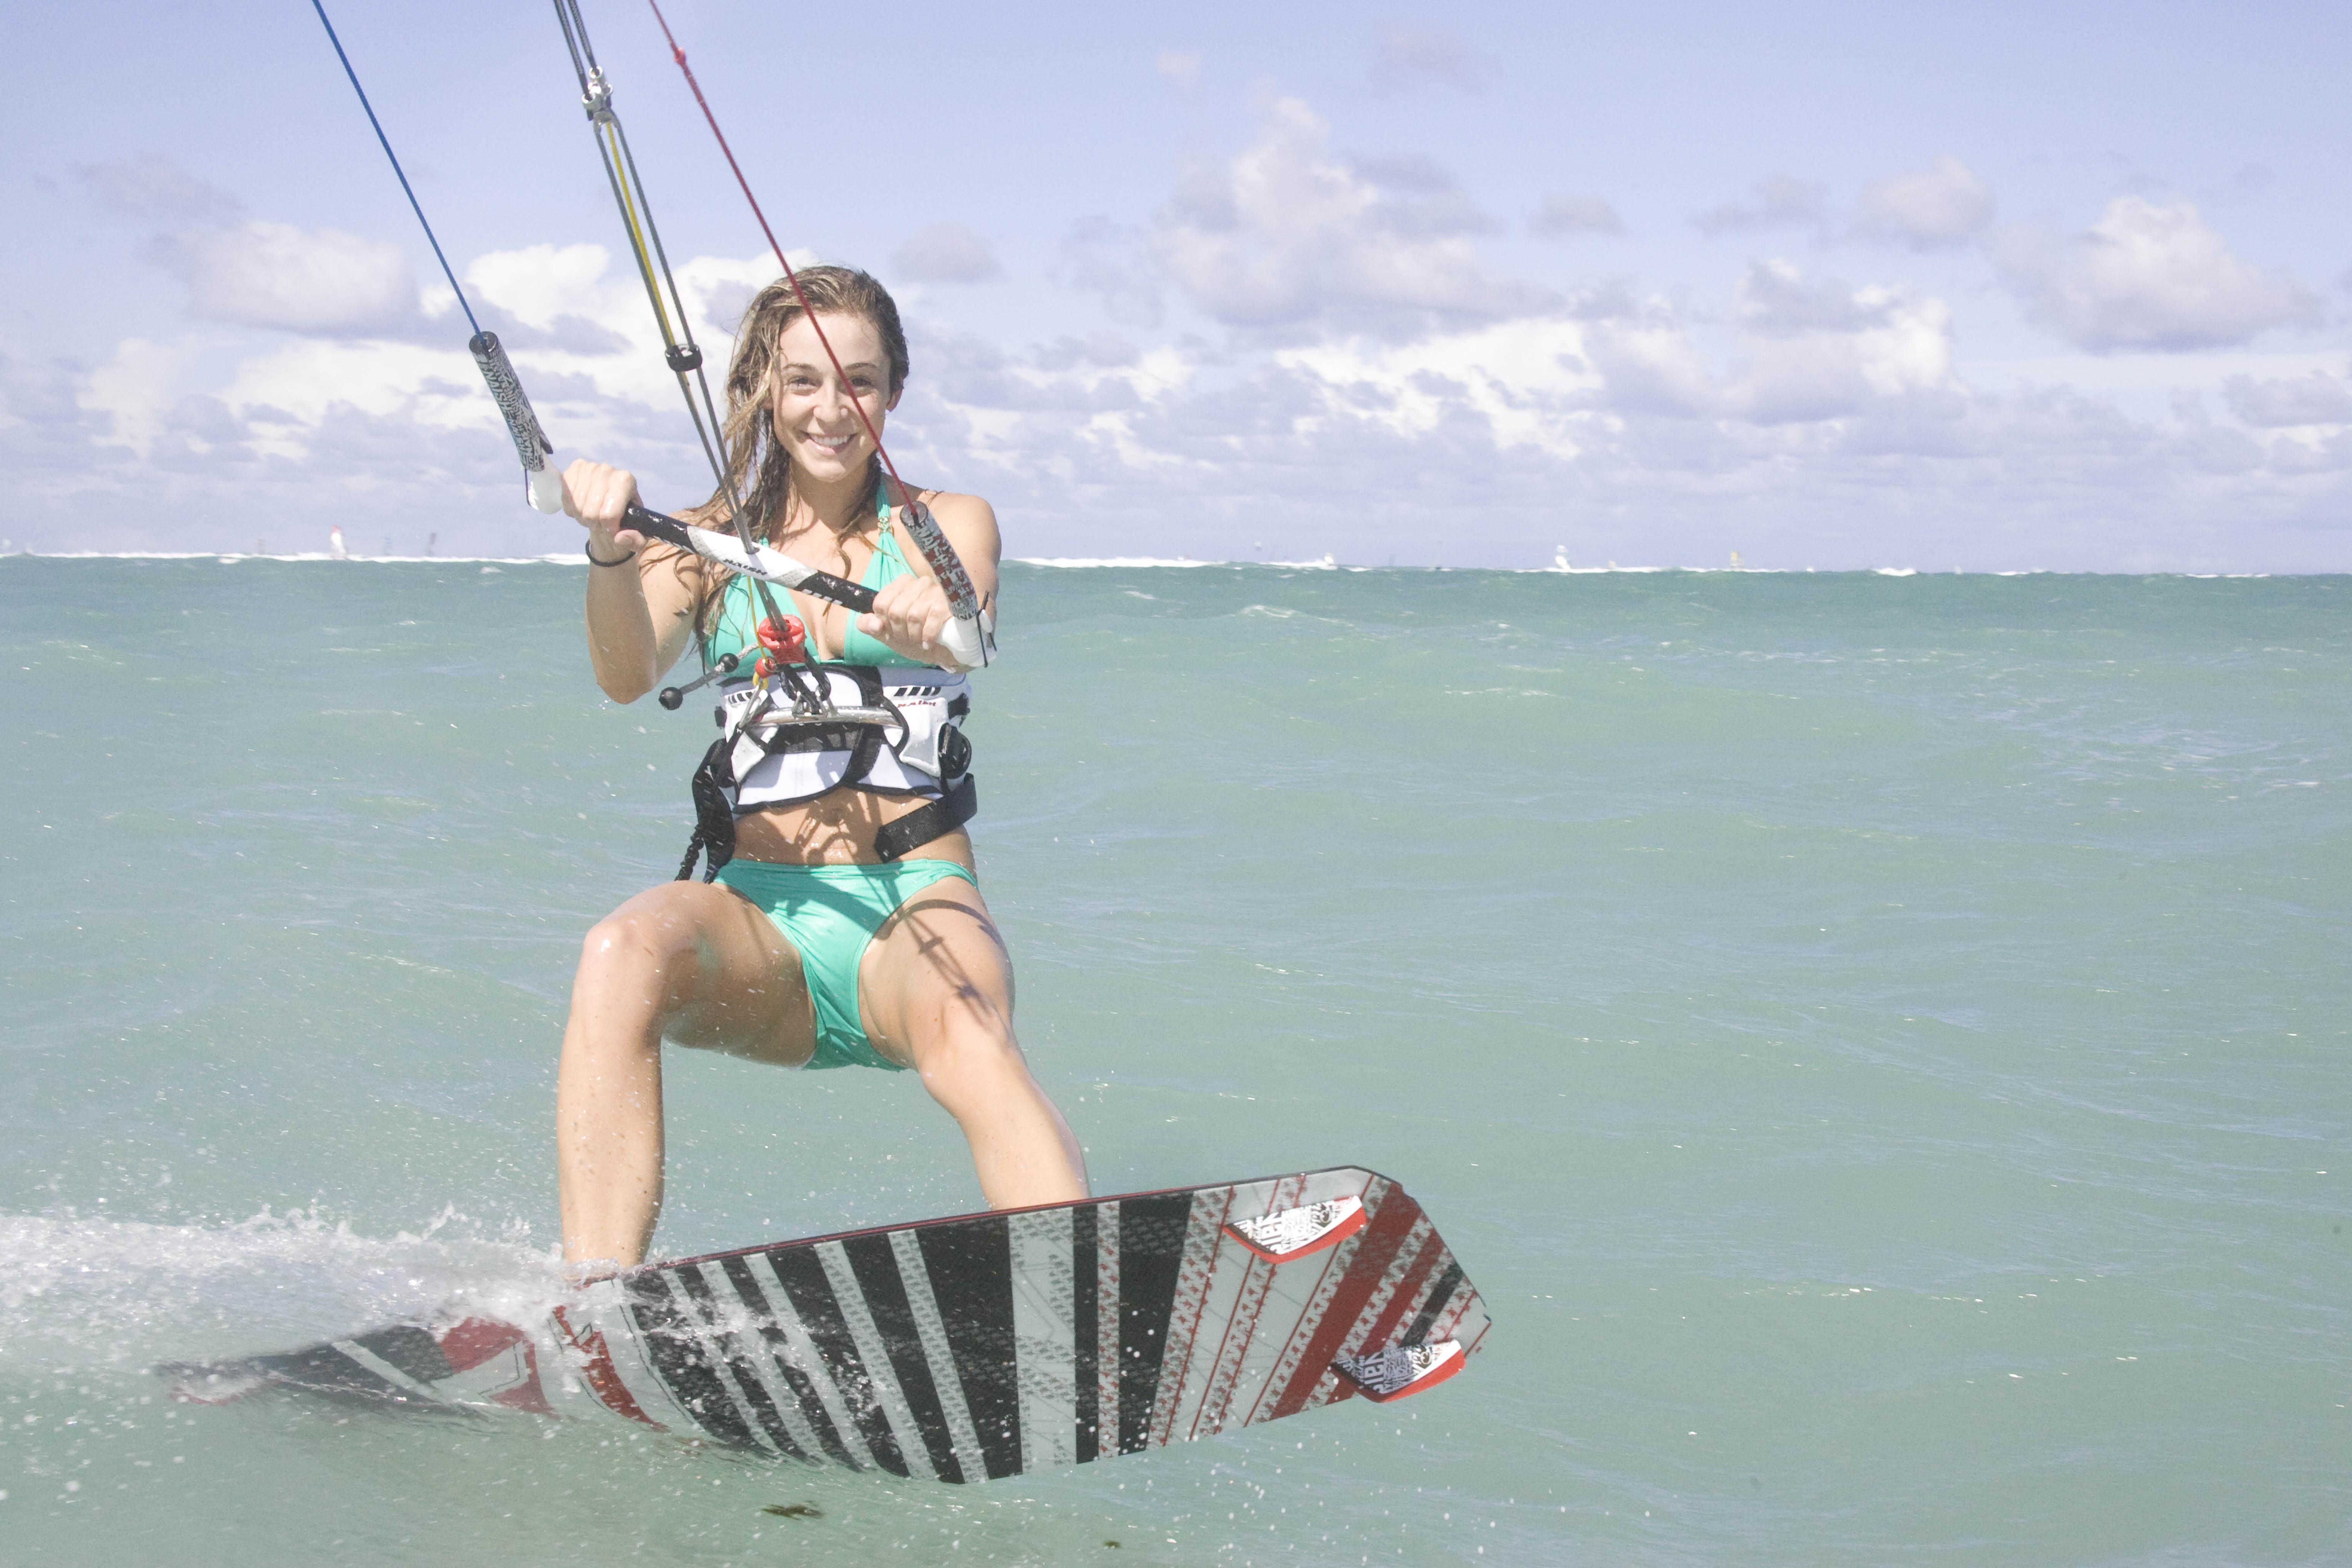 Aqua Sports Maui Kiteboarding Lesson